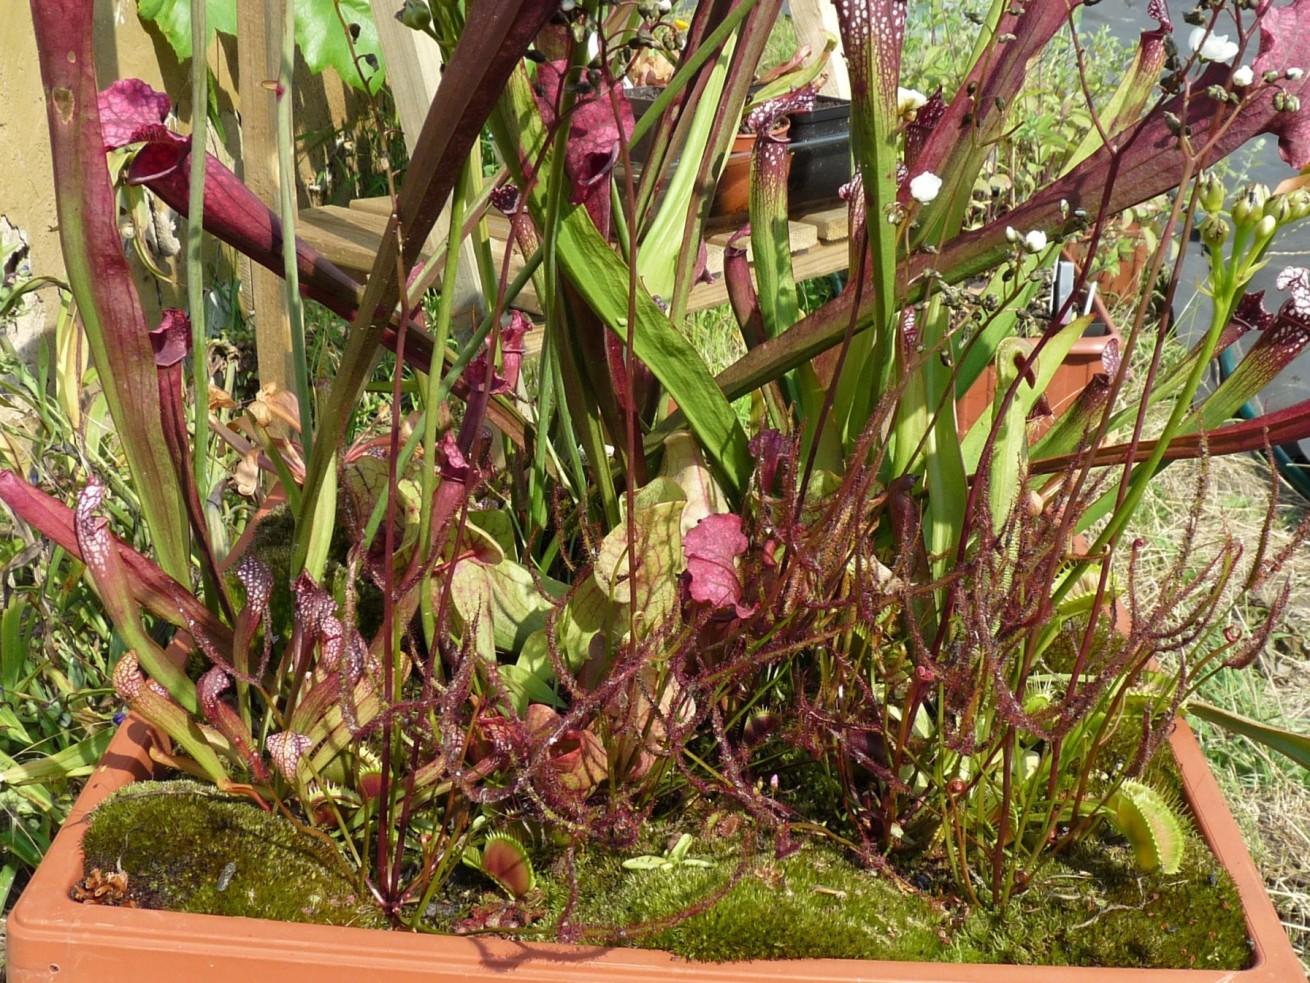 Donica z roślinami owadożernymi na działce lato 2017 widok dżungli